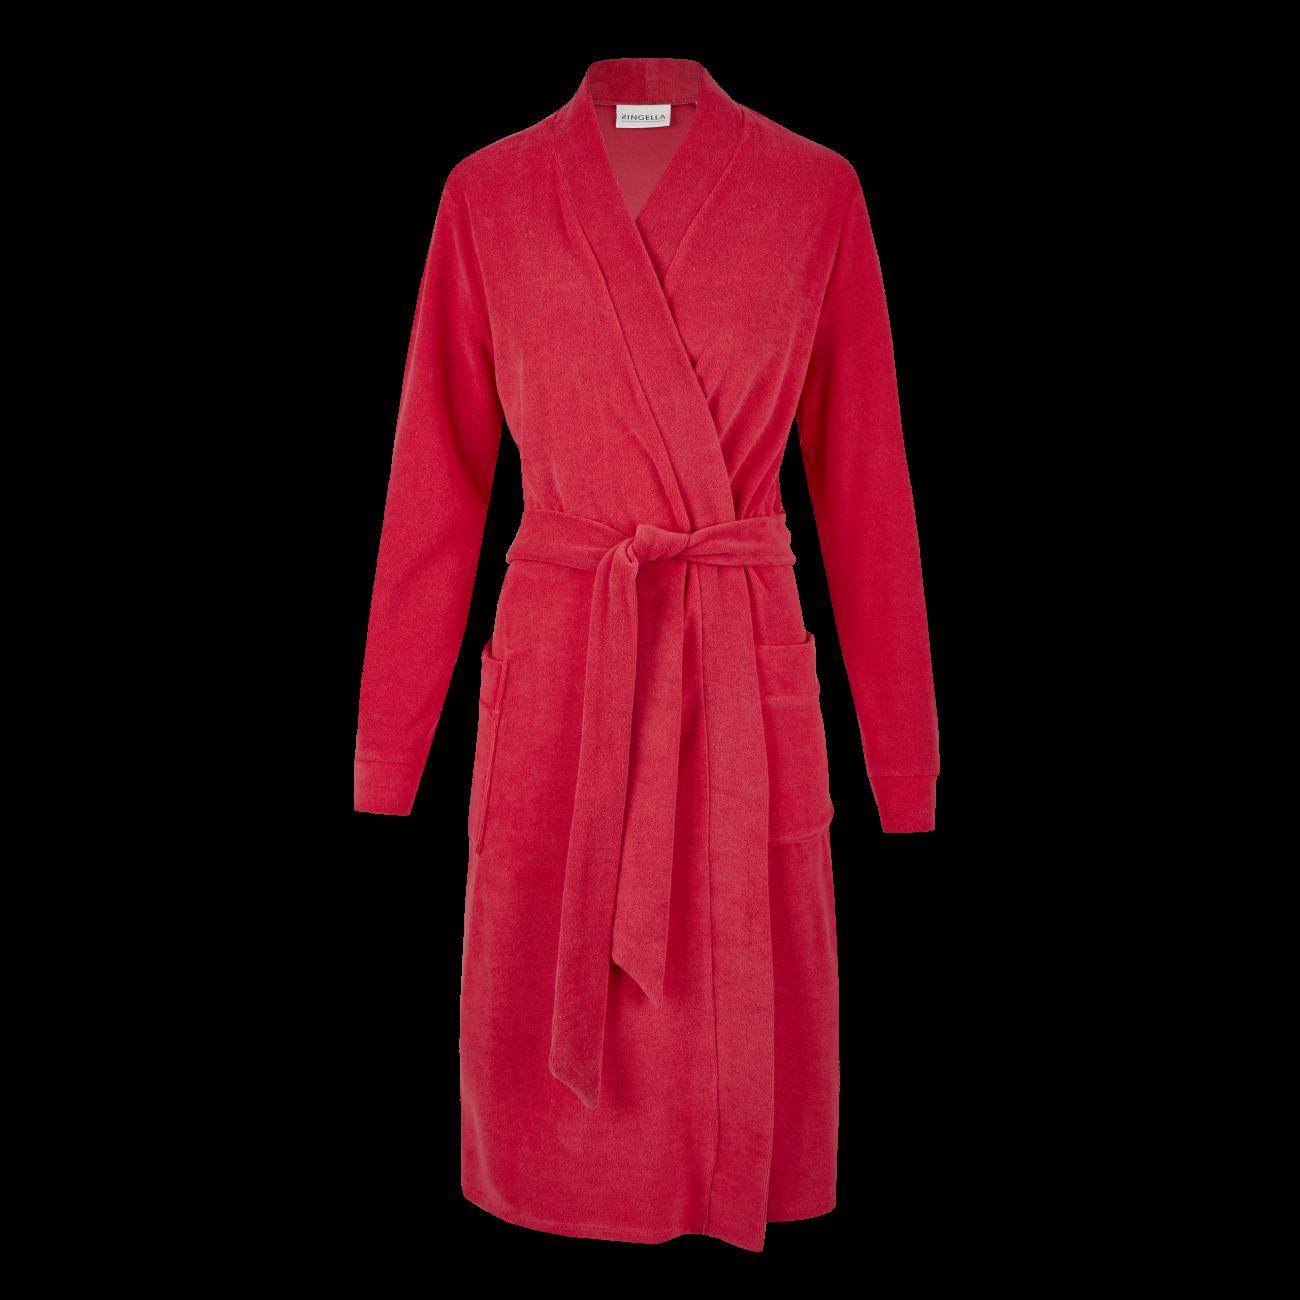 Mantel mit Bindegürtel kirsche | 40